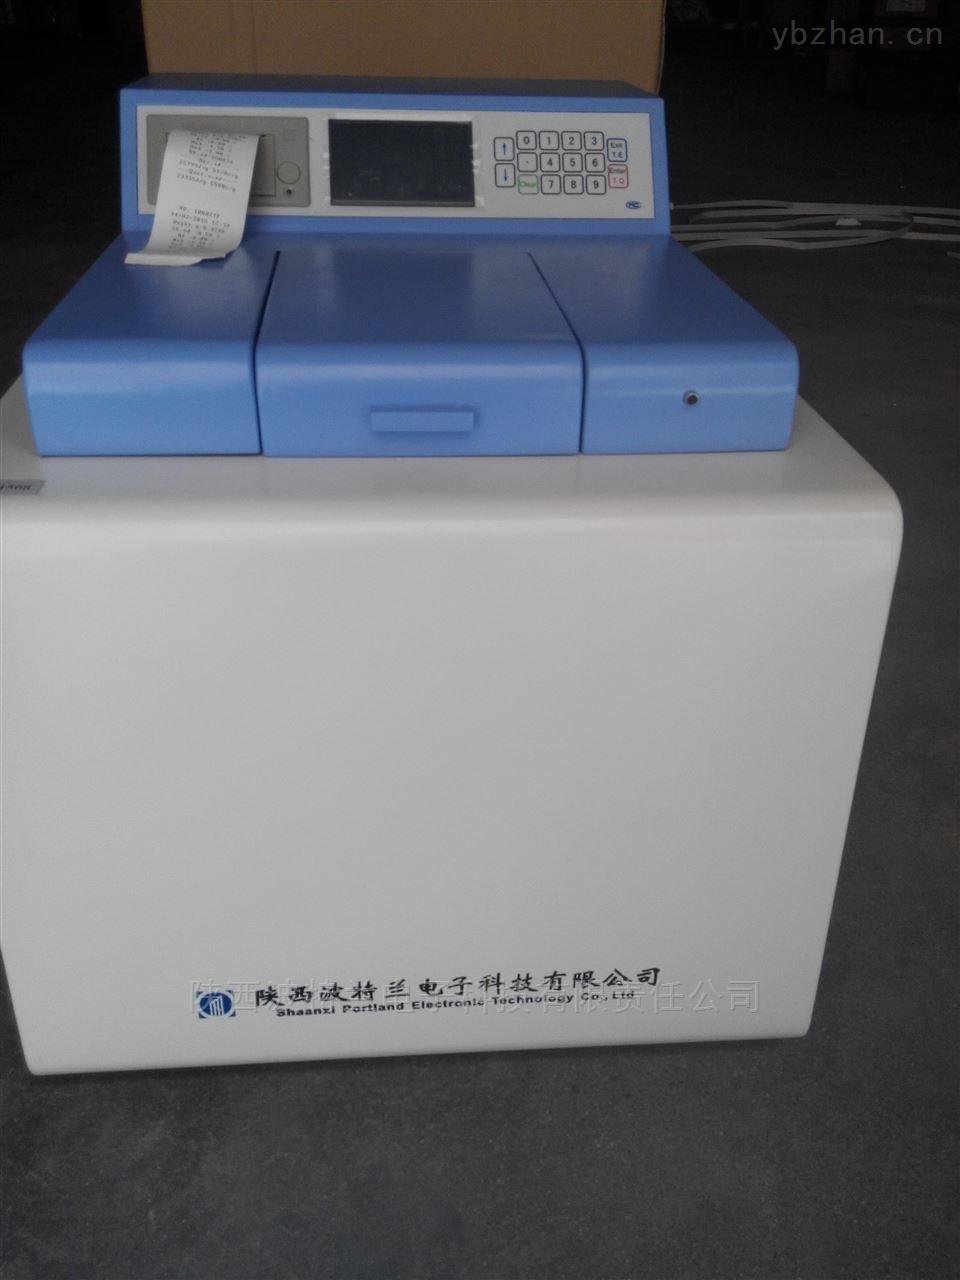 DY-7000B-DY-7000B型 漢顯全自動量熱儀